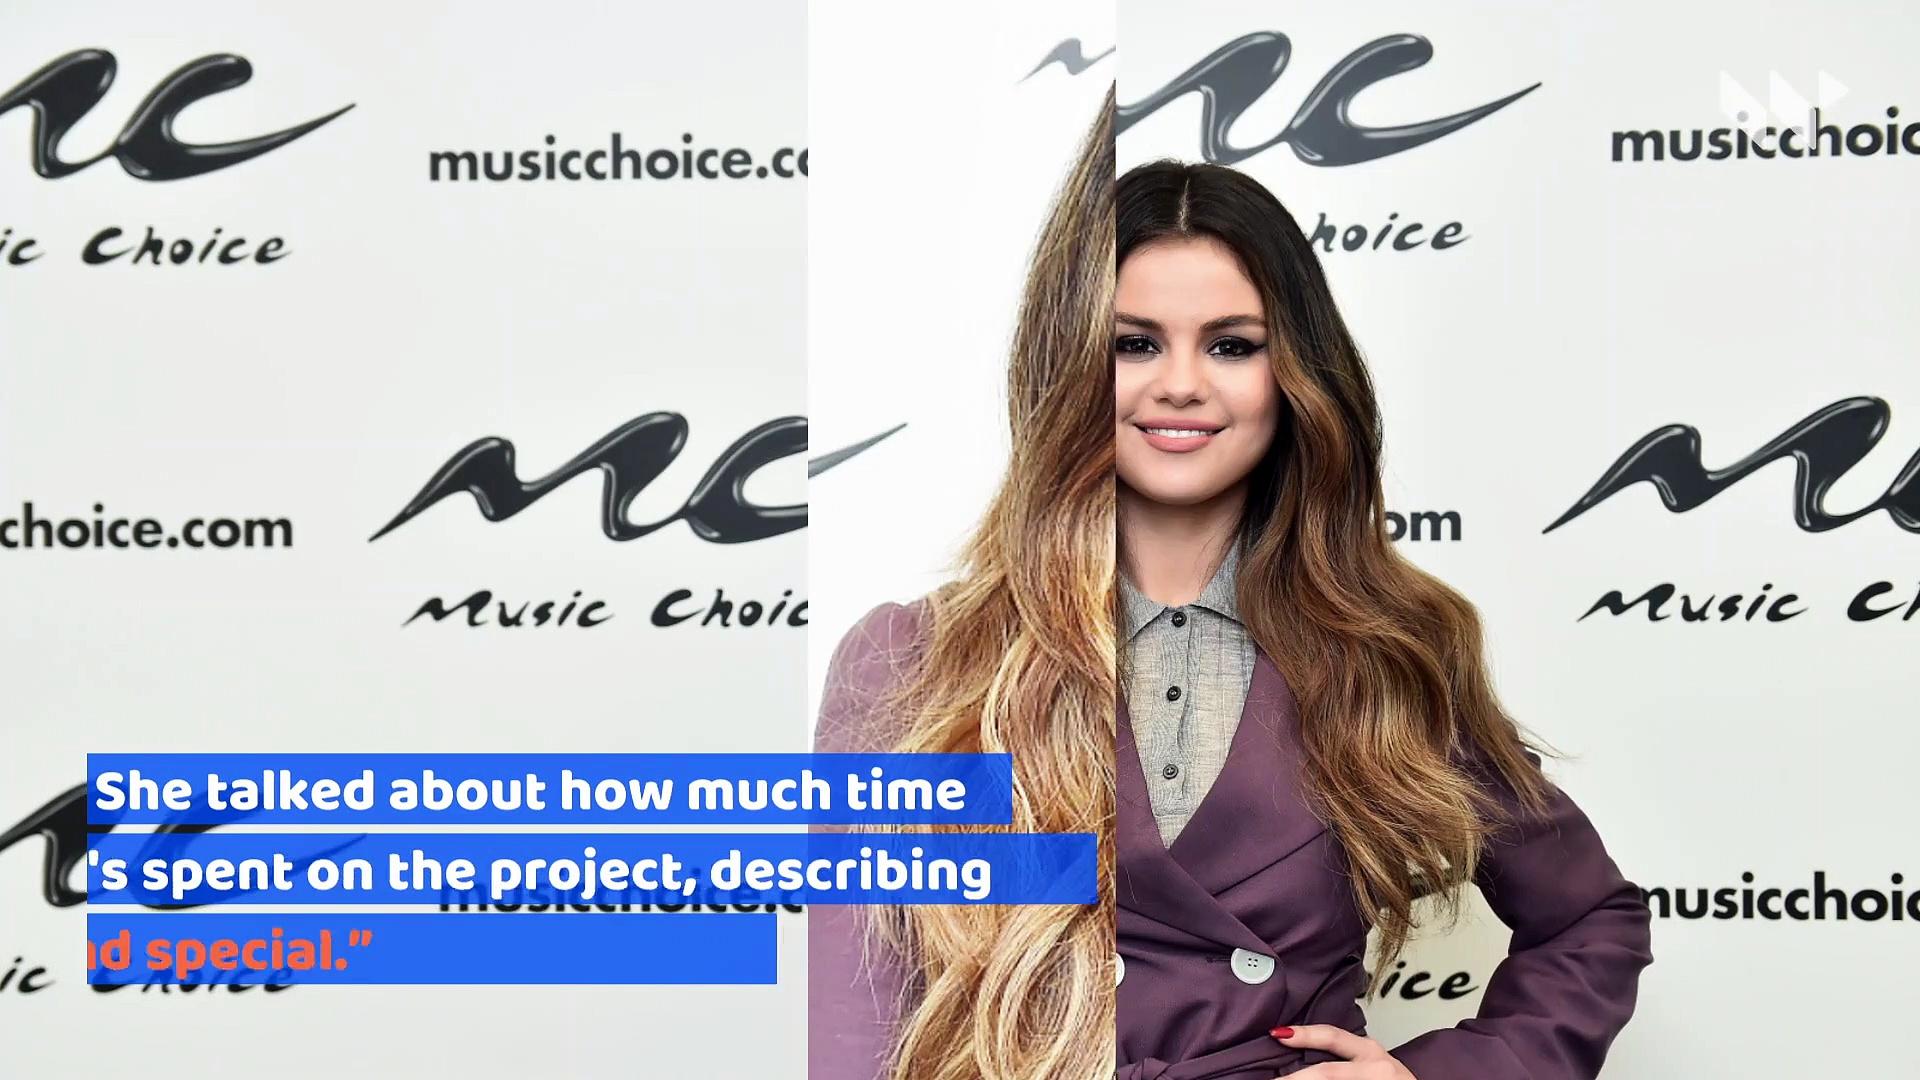 Selena Gomez Announces 'Rare Beauty' Makeup Line. http://bit.ly/2BuUAGT